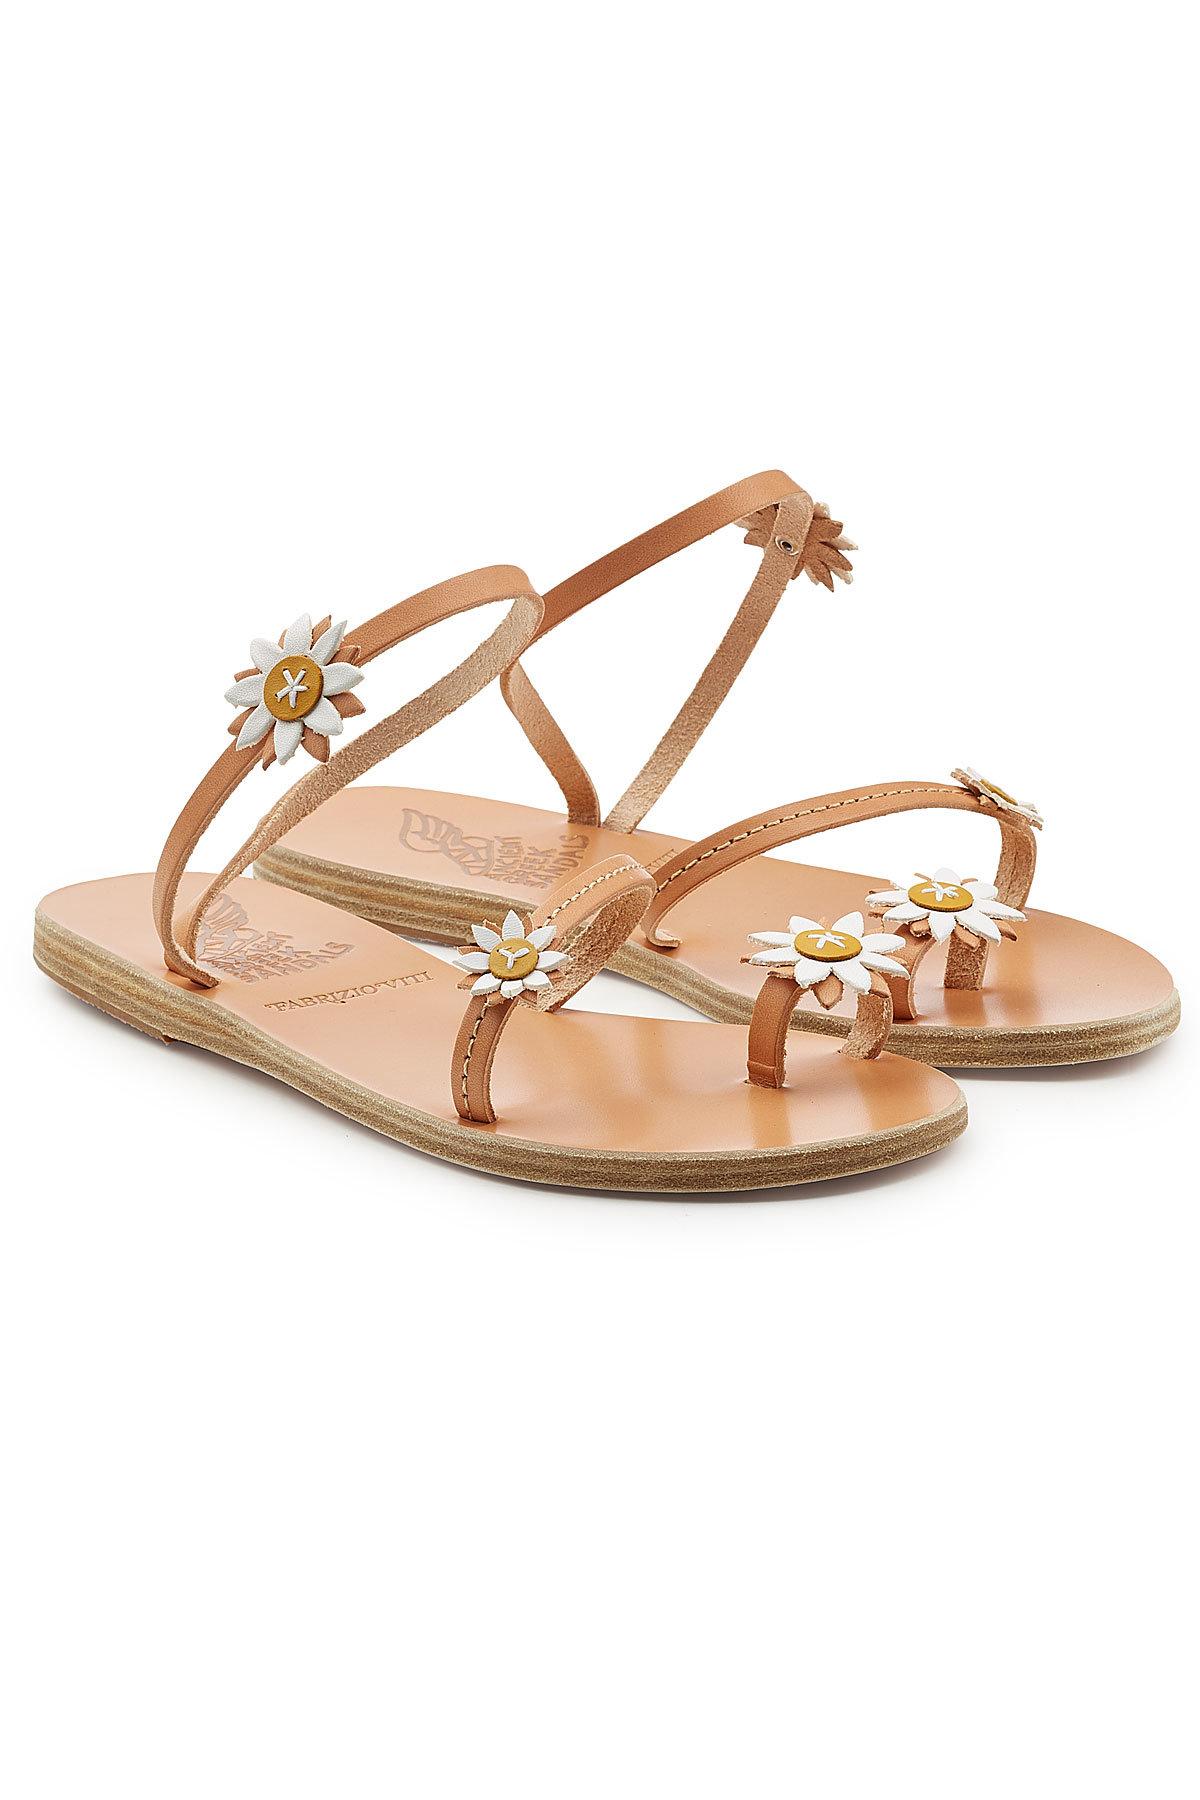 Ancient Greek Sandals Sheila Leather Sandals Gr. IT 38 QX68I14Mq